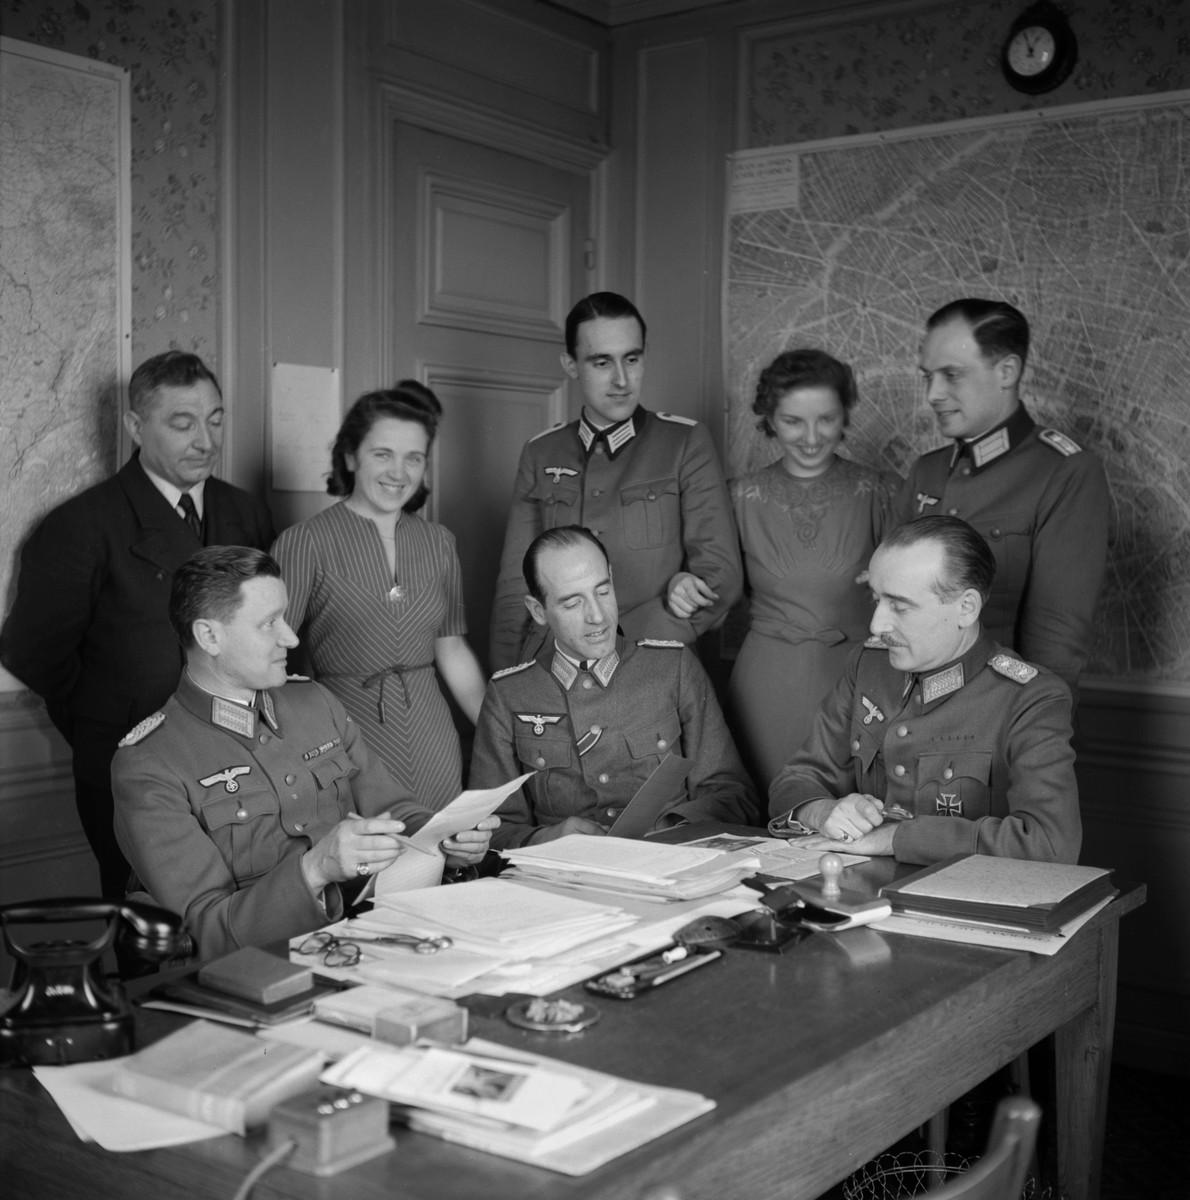 El Kunstchuts en pleno. Wolff Metternich, es el primero de la derecha sentado.